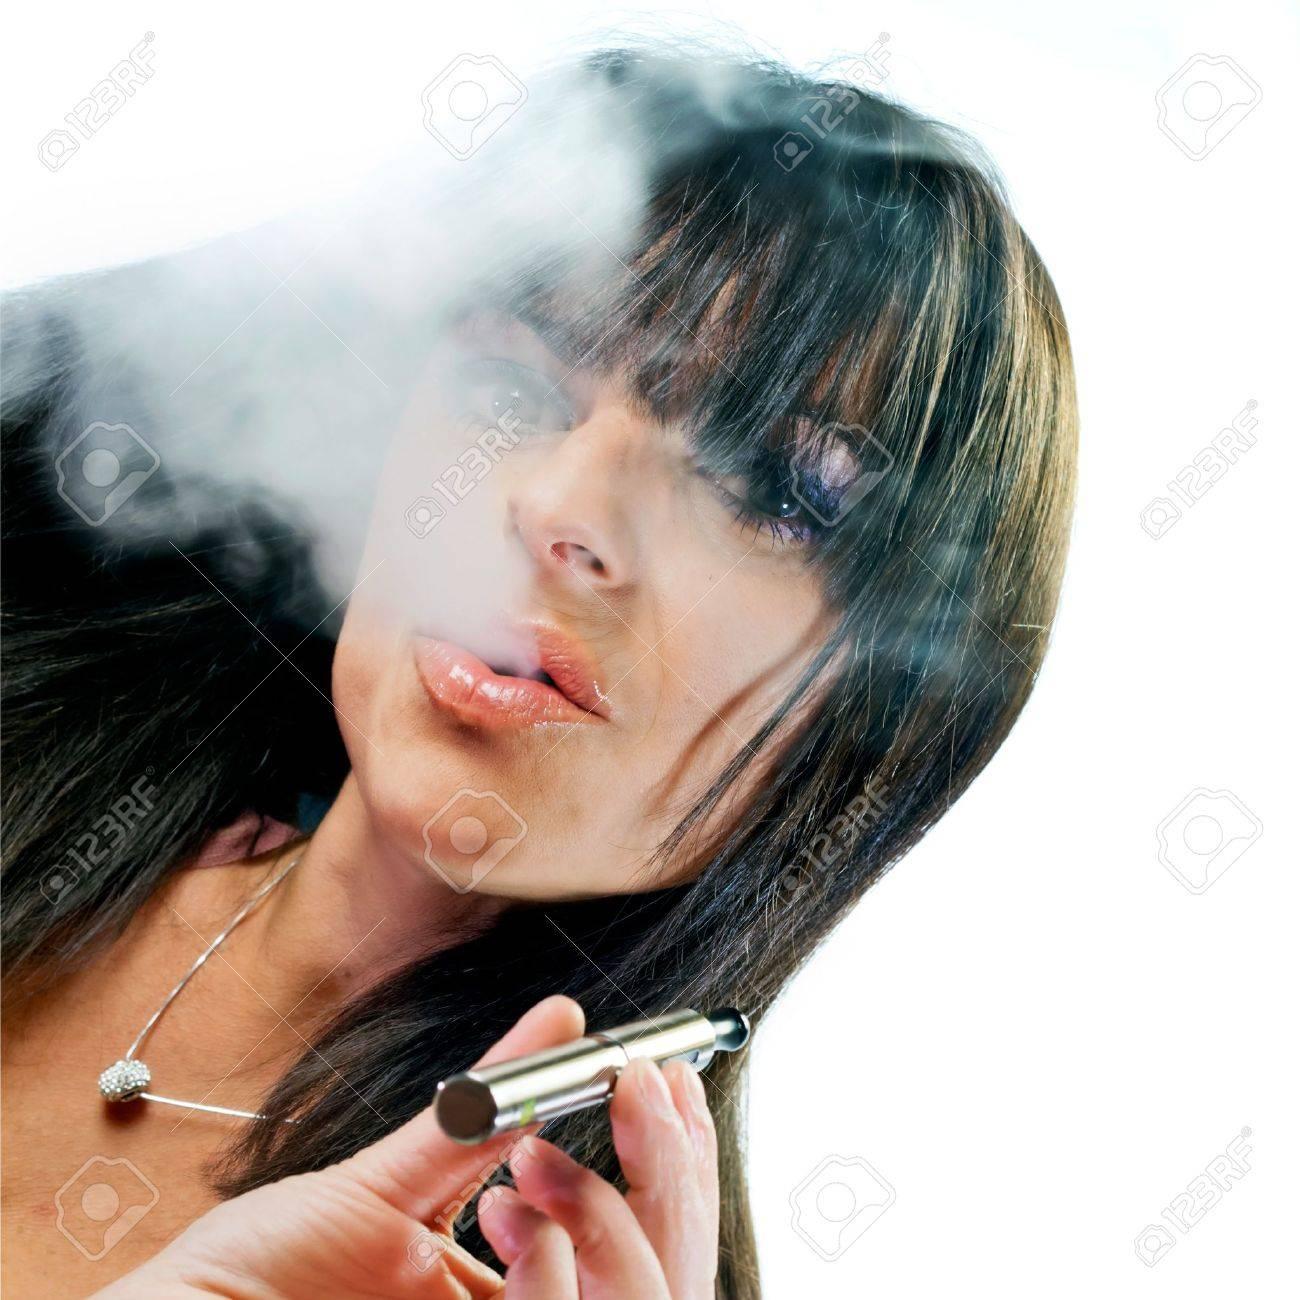 Ez pen electronic cigarette